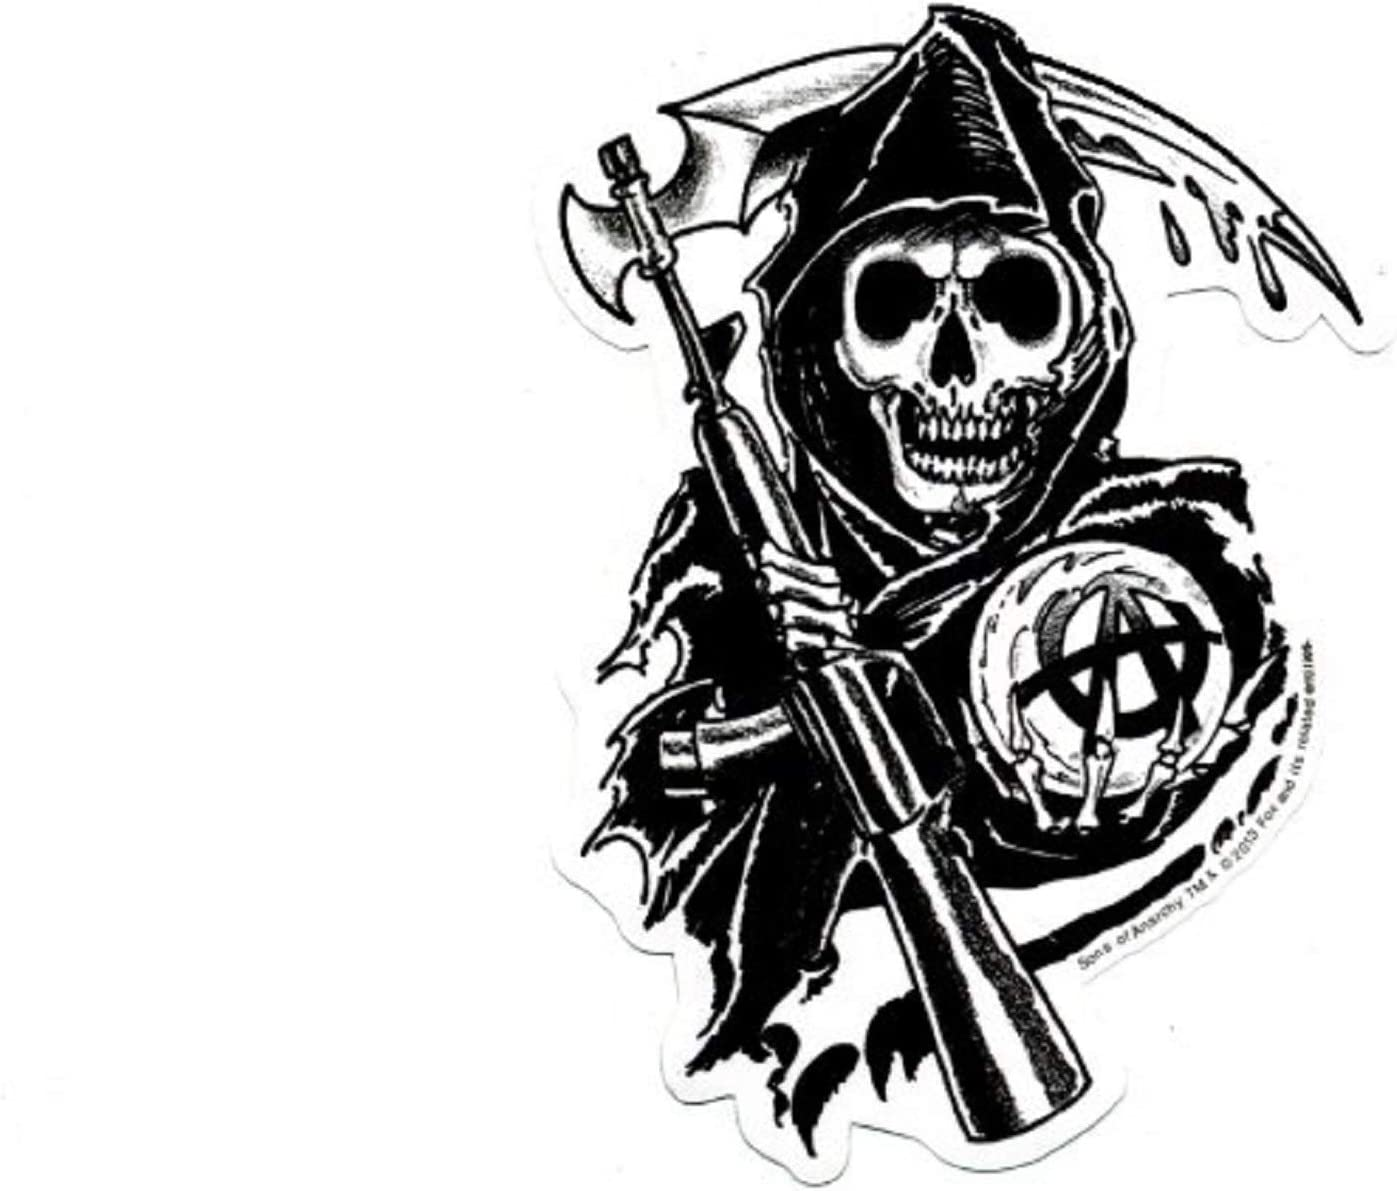 Sons Of Anarchy Reaper Parche: Amazon.es: Juguetes y juegos